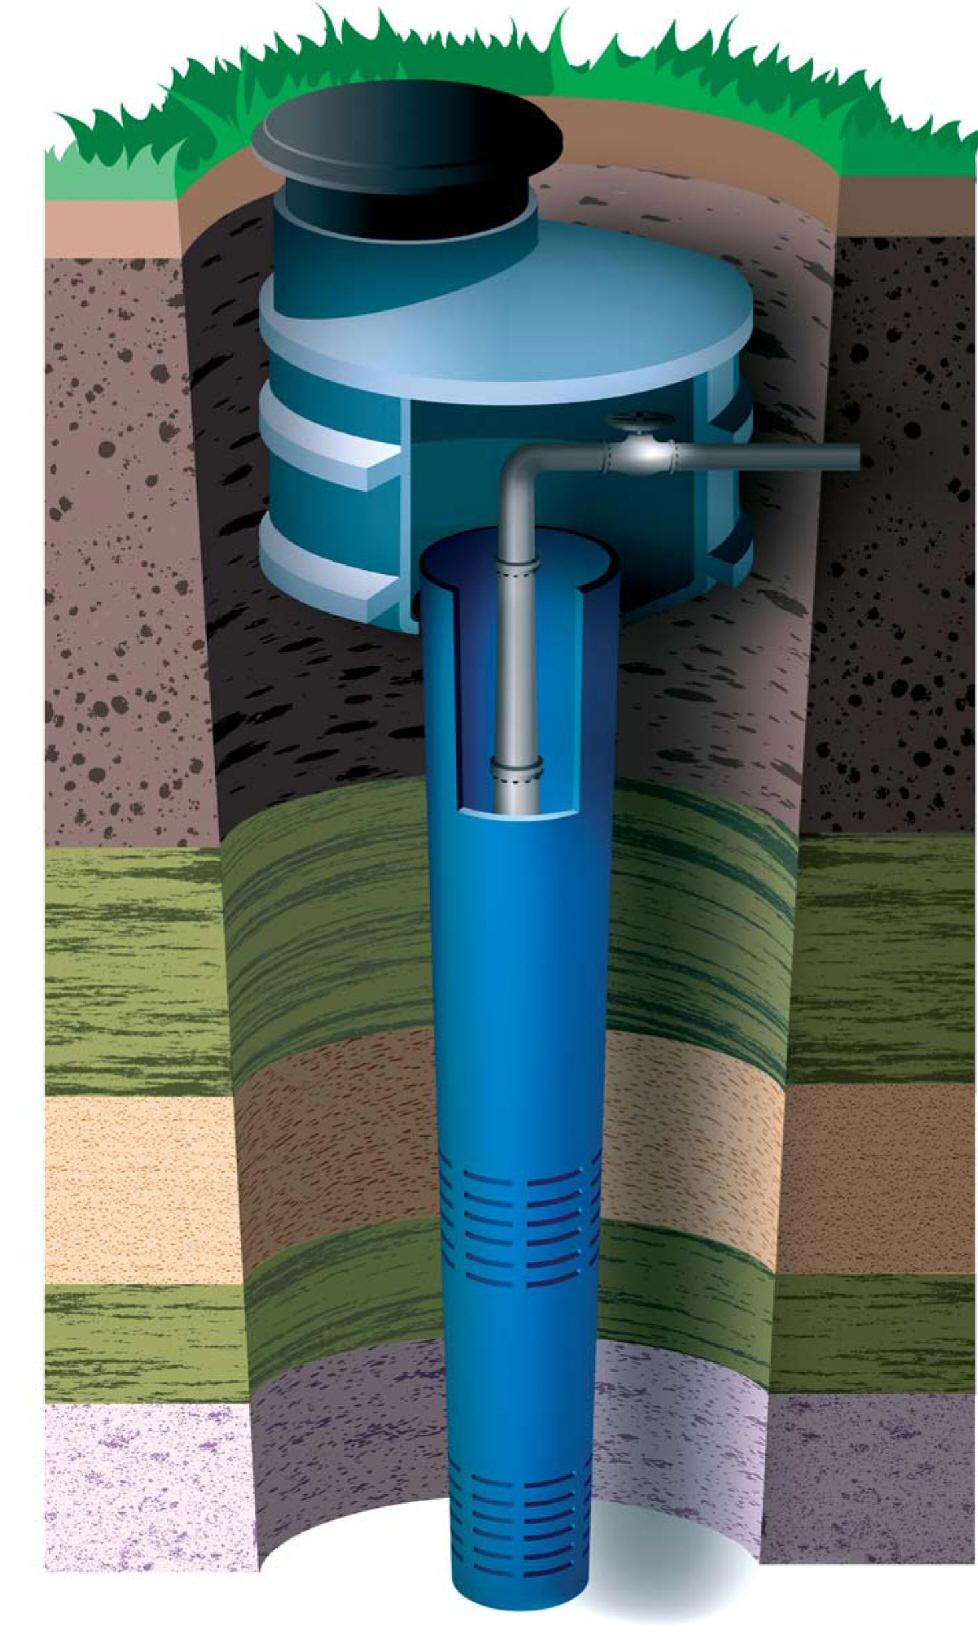 технологичные бурение скважин на воду лукоянов цена активных физических